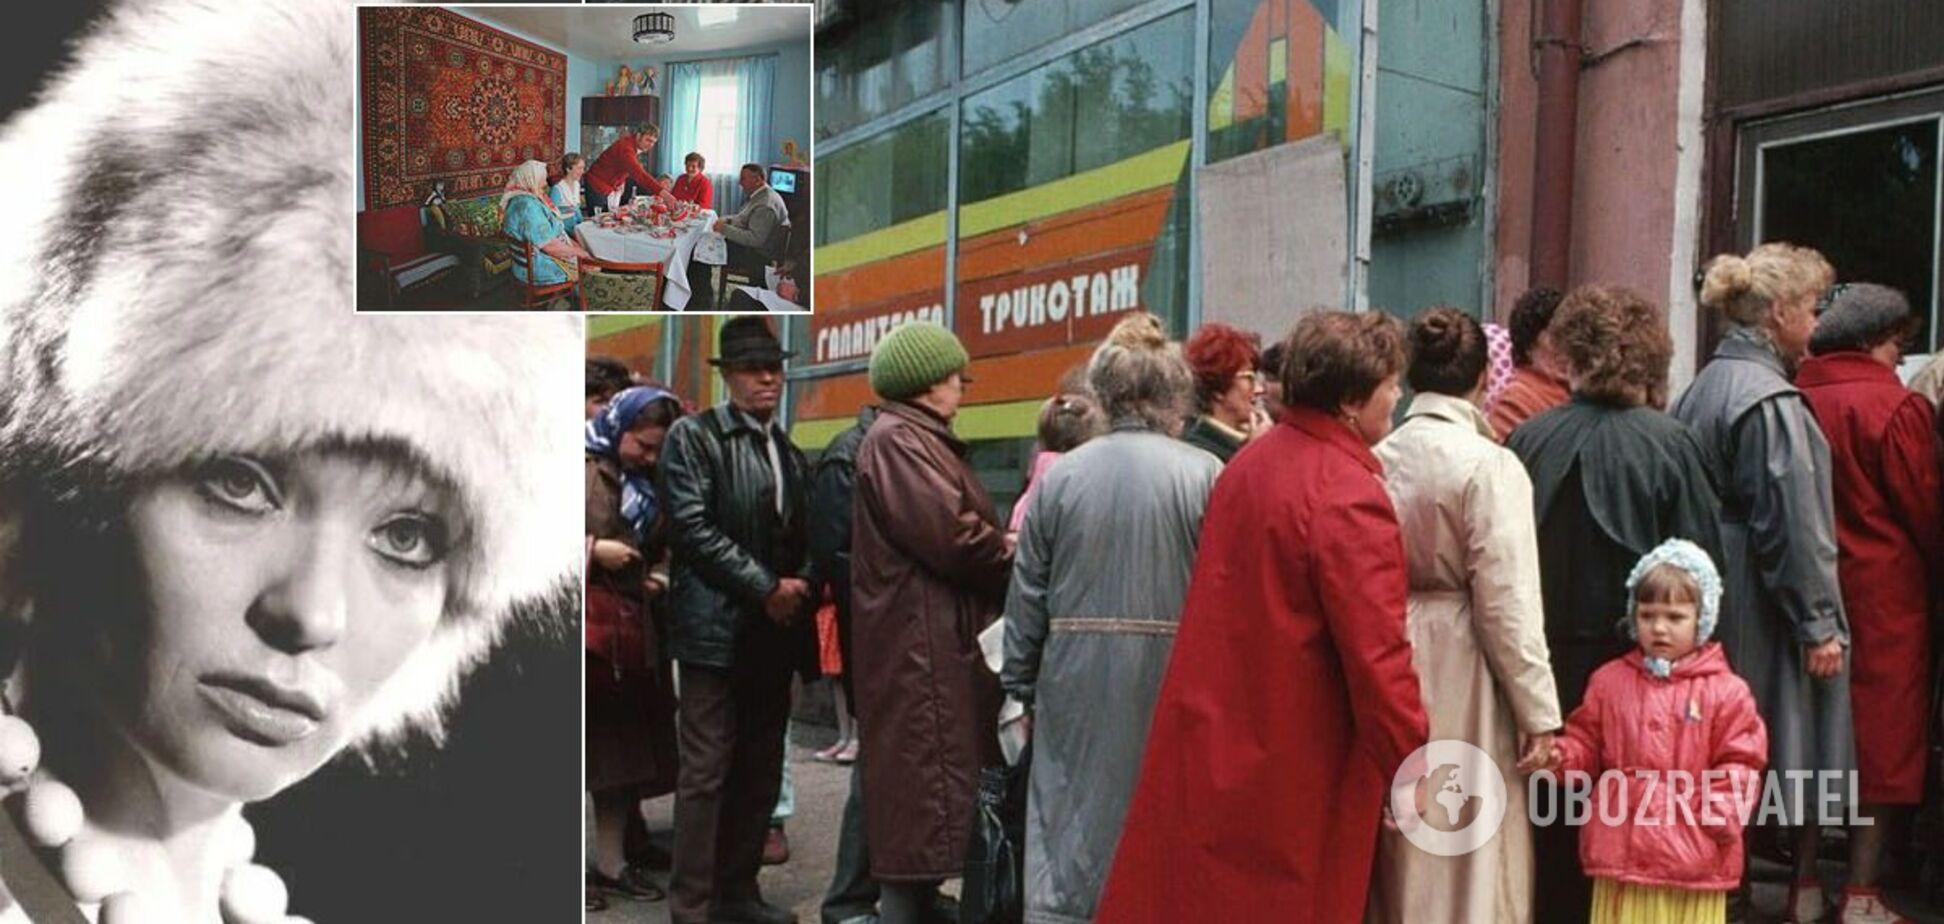 Килими й норкові шапки: речі, які в СРСР діставали за блатом